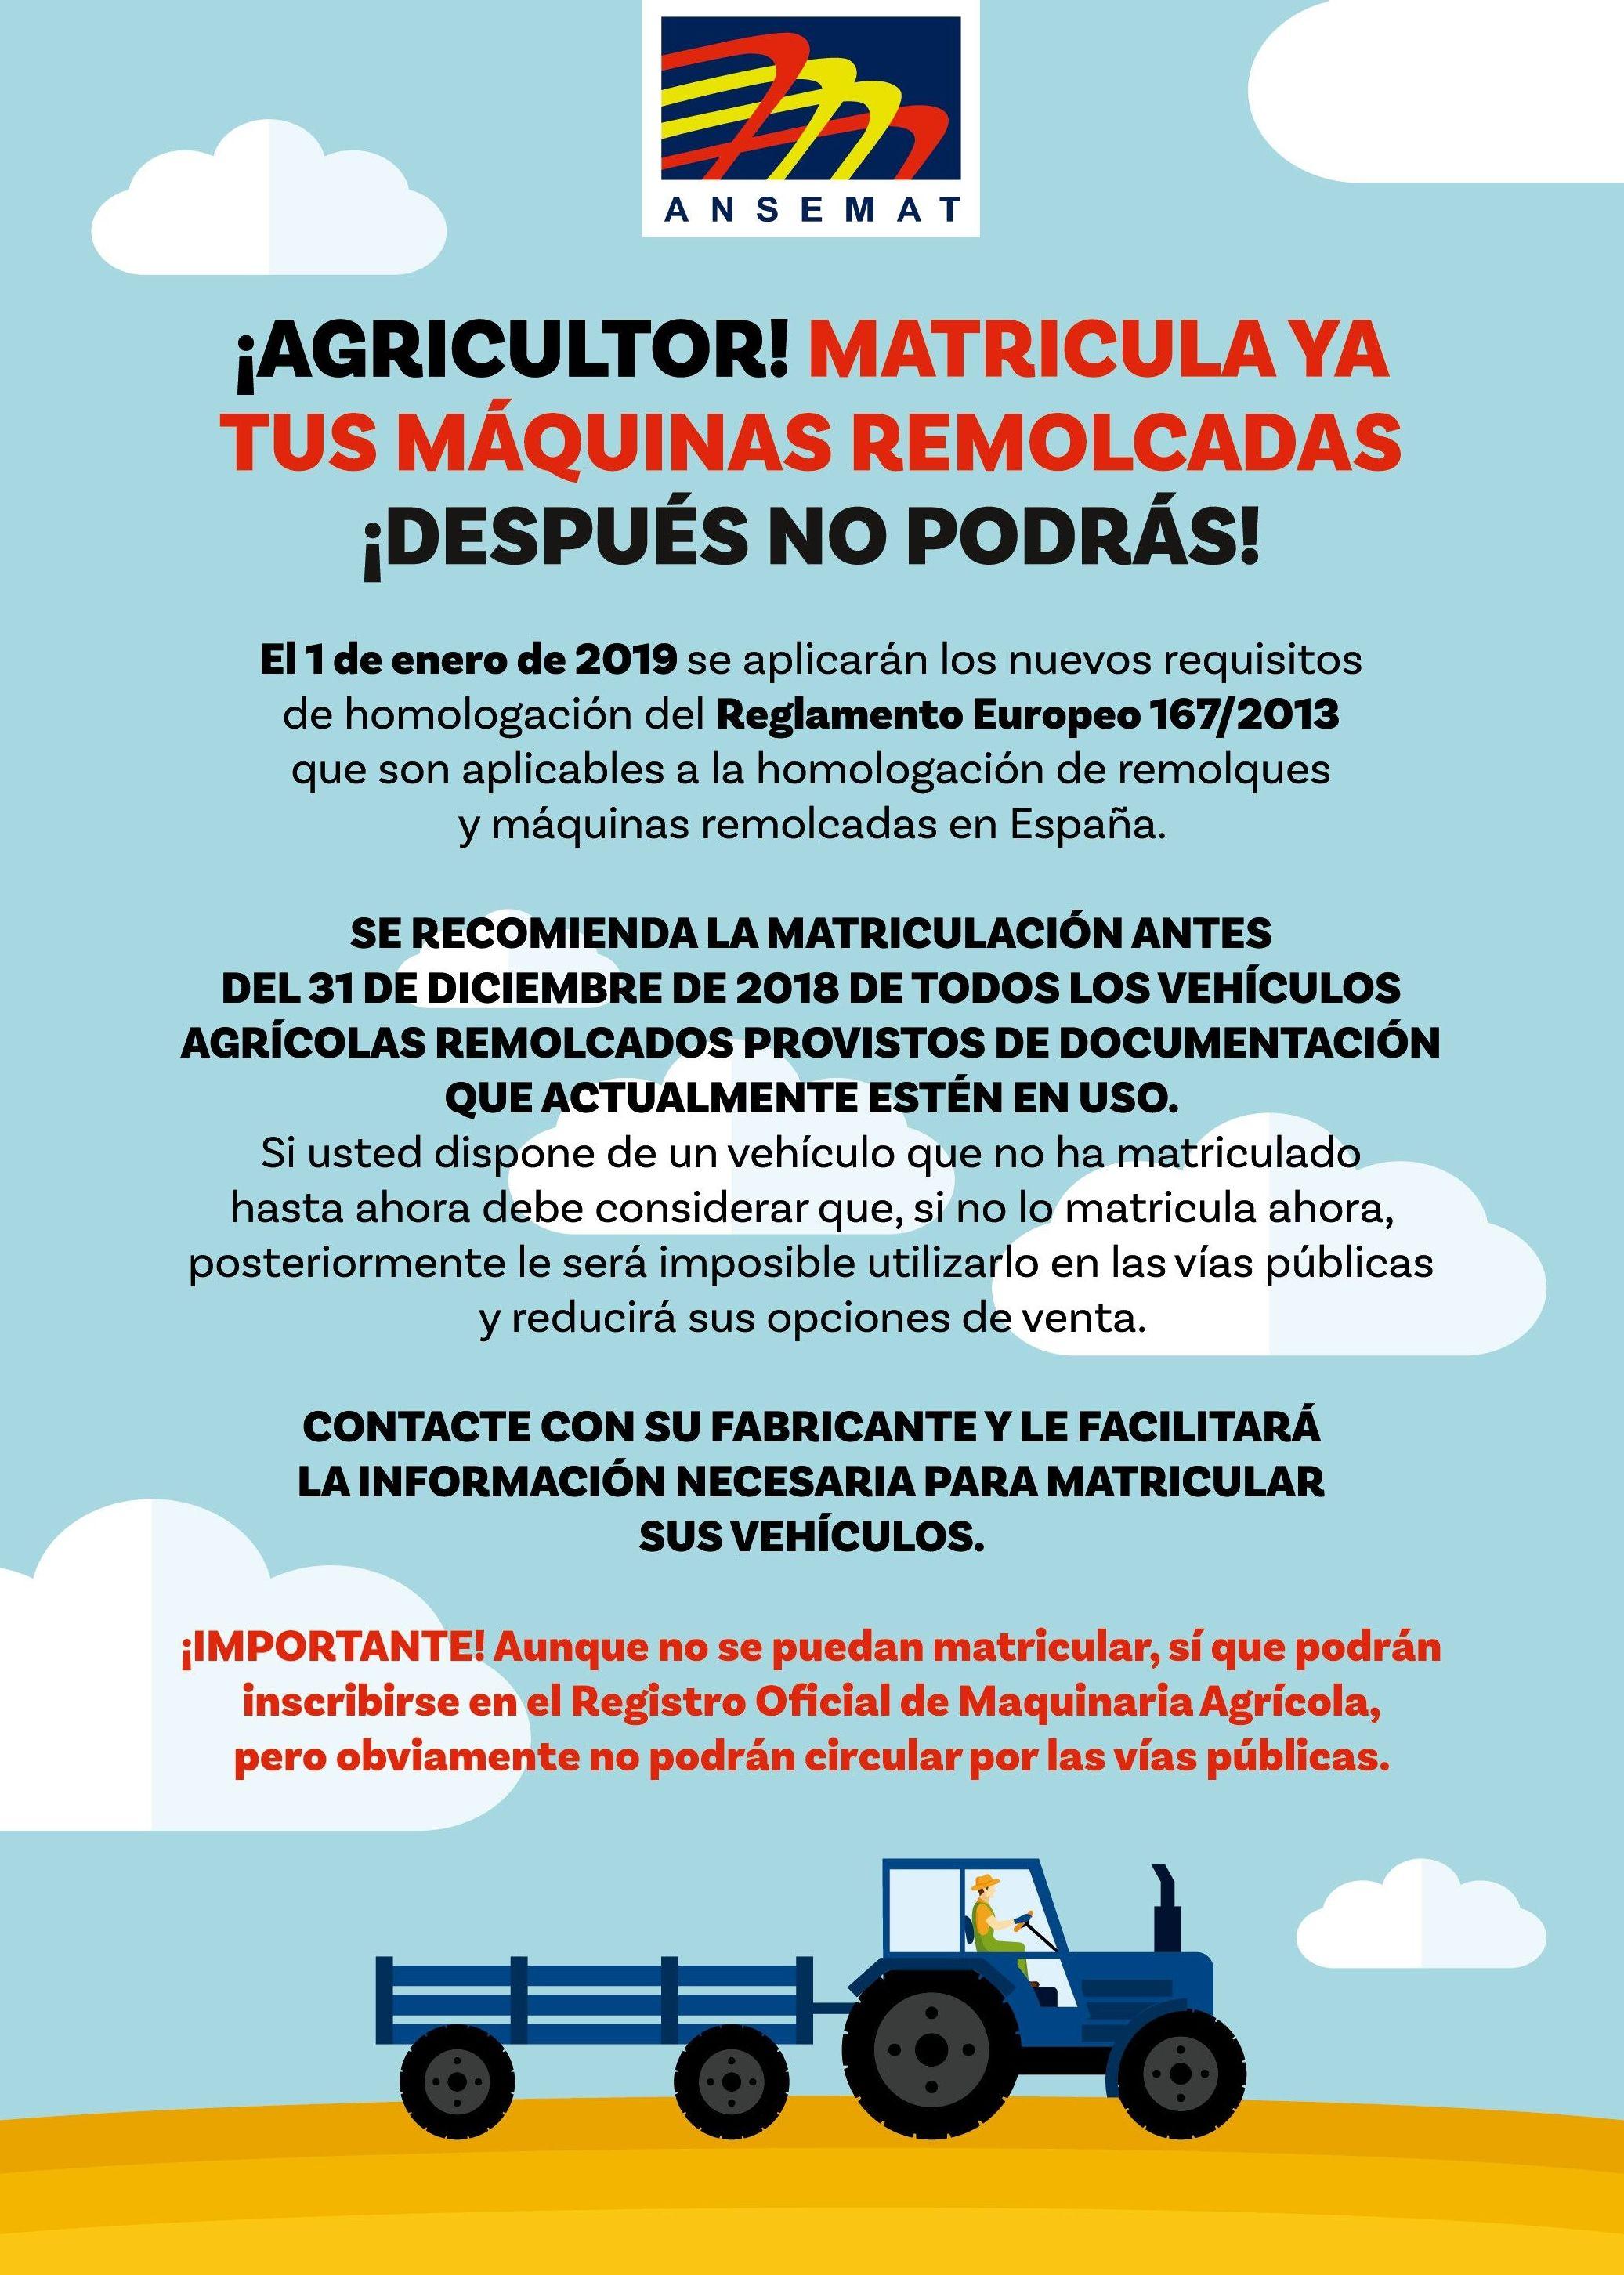 MATRICULACION MÁQUINAS REMOLCADAS